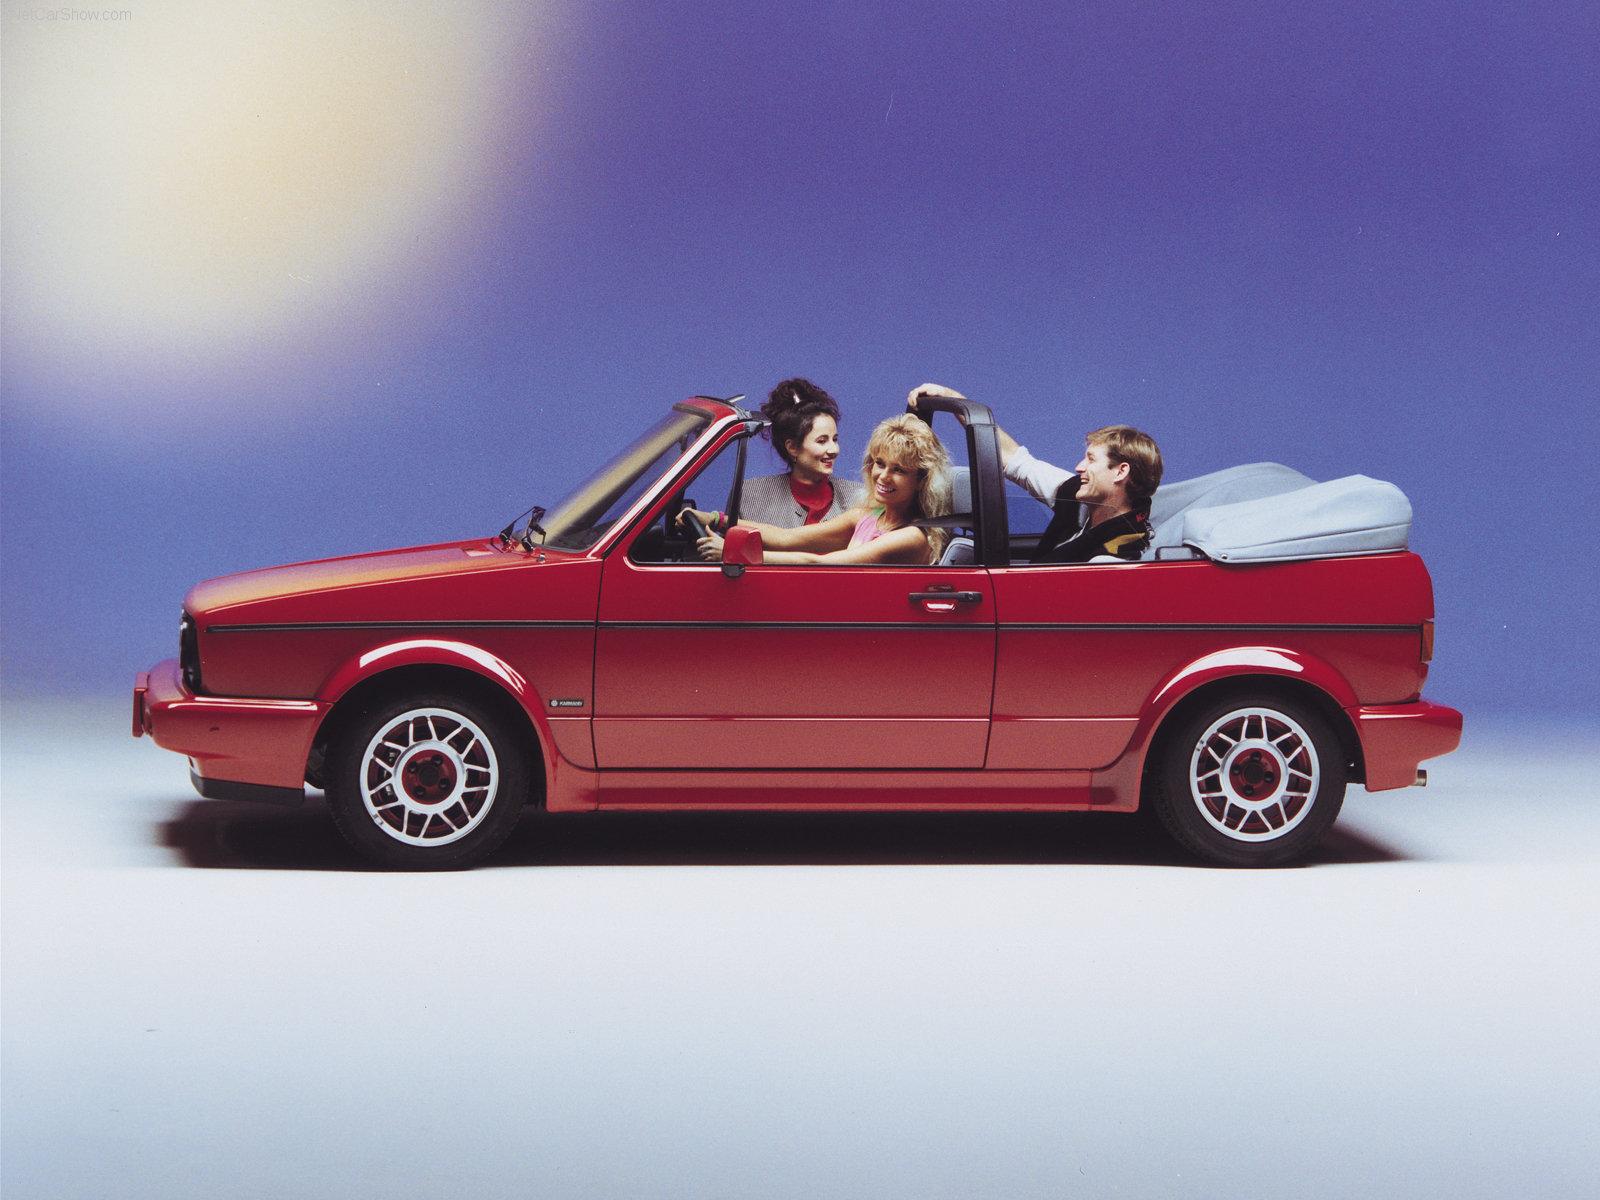 http://4.bp.blogspot.com/-Y7EEP9iu7cE/Tsa5h9o2NjI/AAAAAAAAAeg/Q35C1uXdJU4/s1600/Volkswagen-Golf_Cabriolet_1979_1600x1200_wallpaper_02.jpg